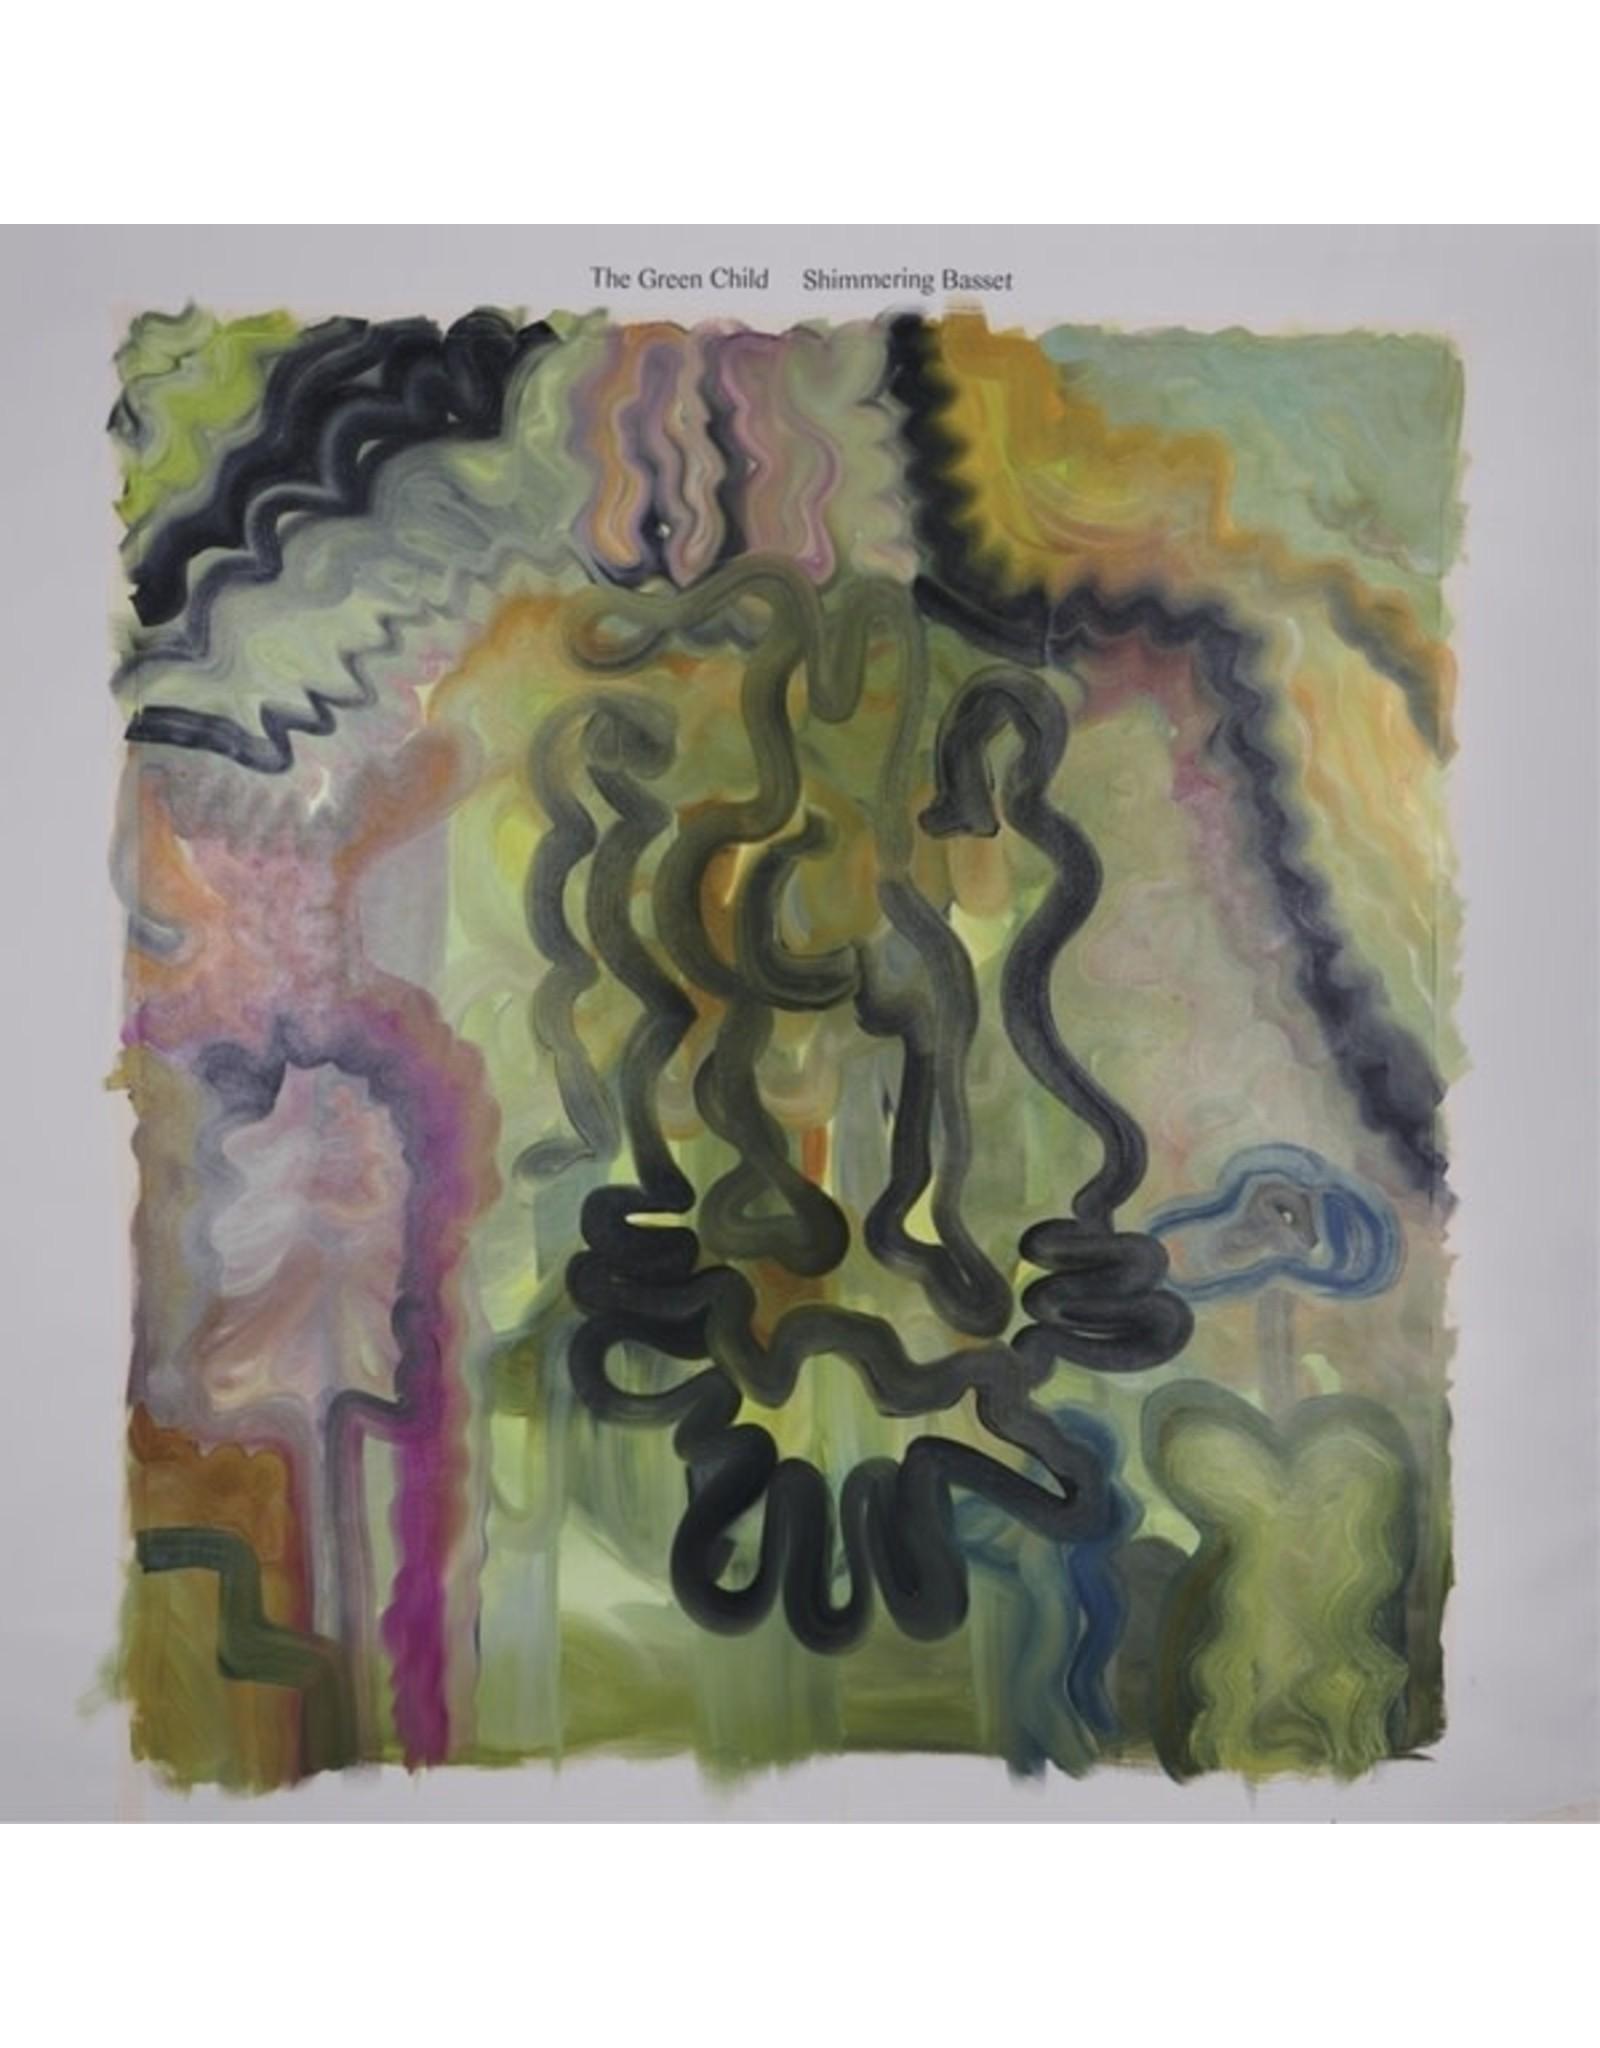 New Vinyl The Green Child - Shimmering Basset LP